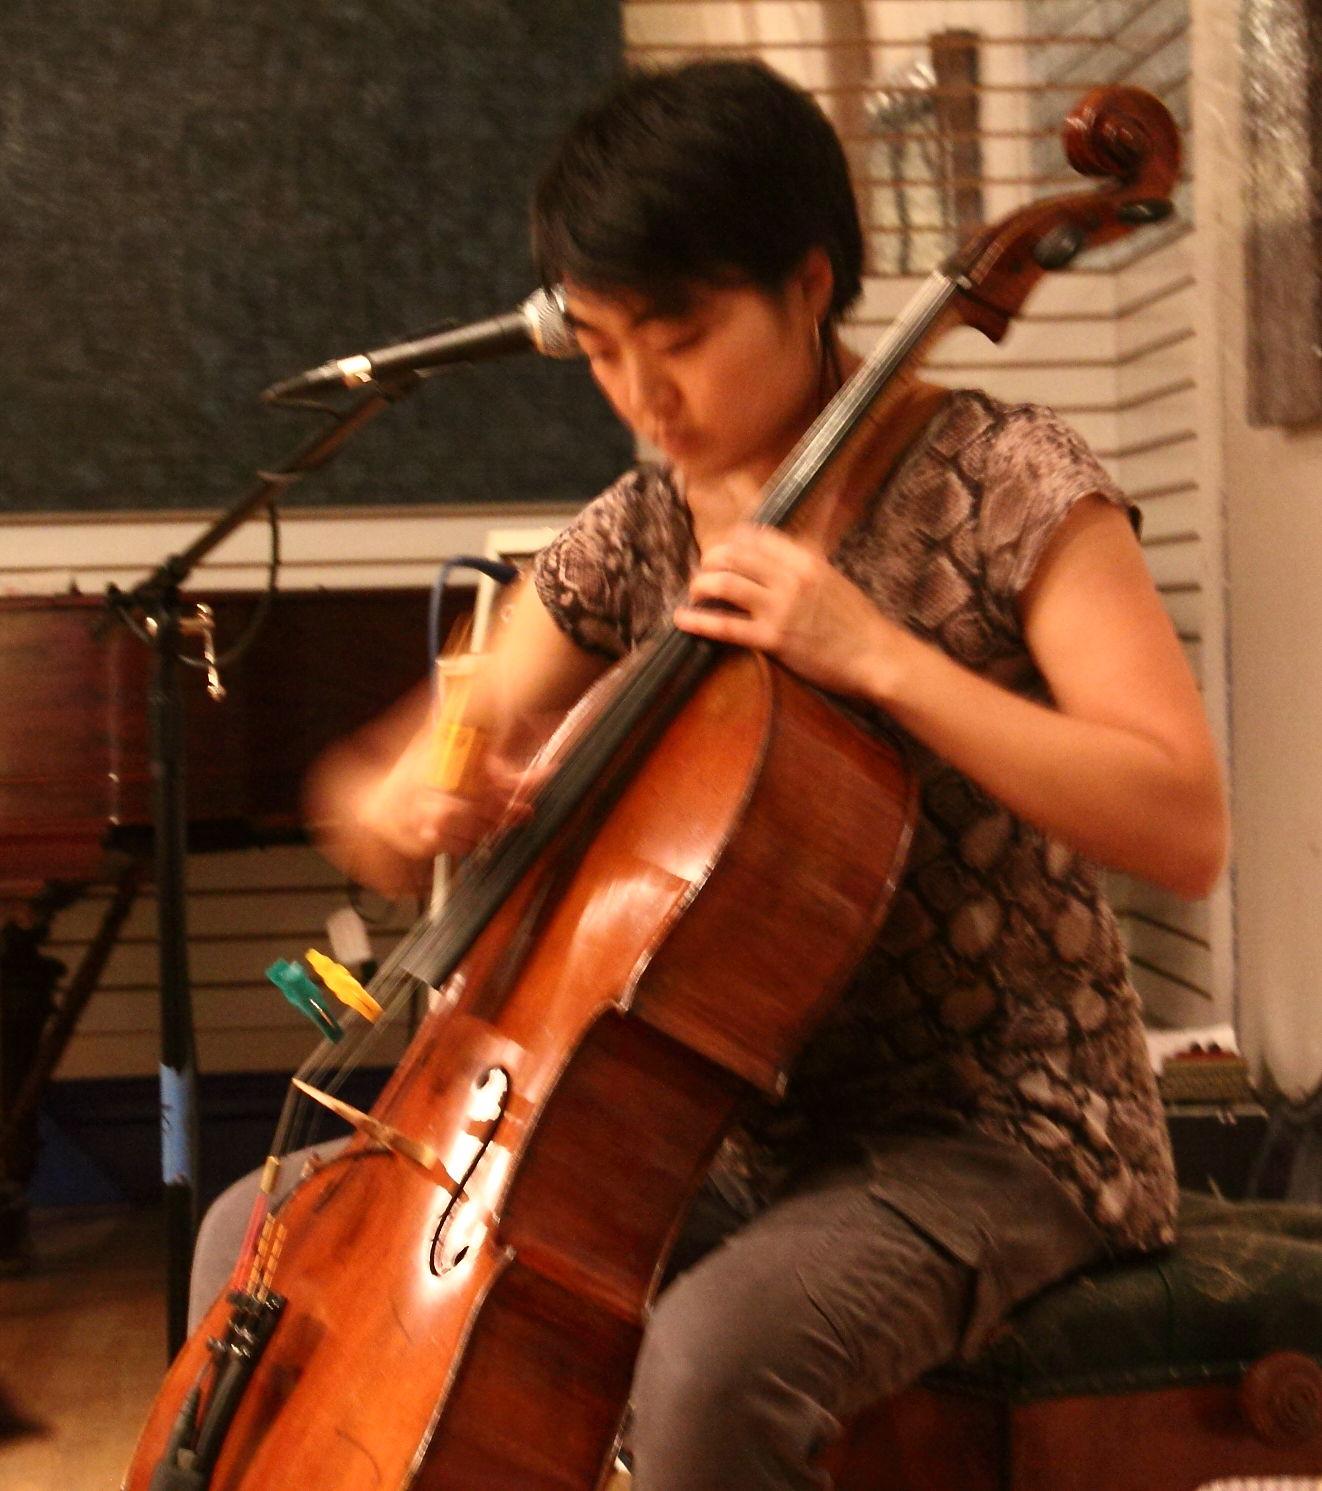 Wong cello